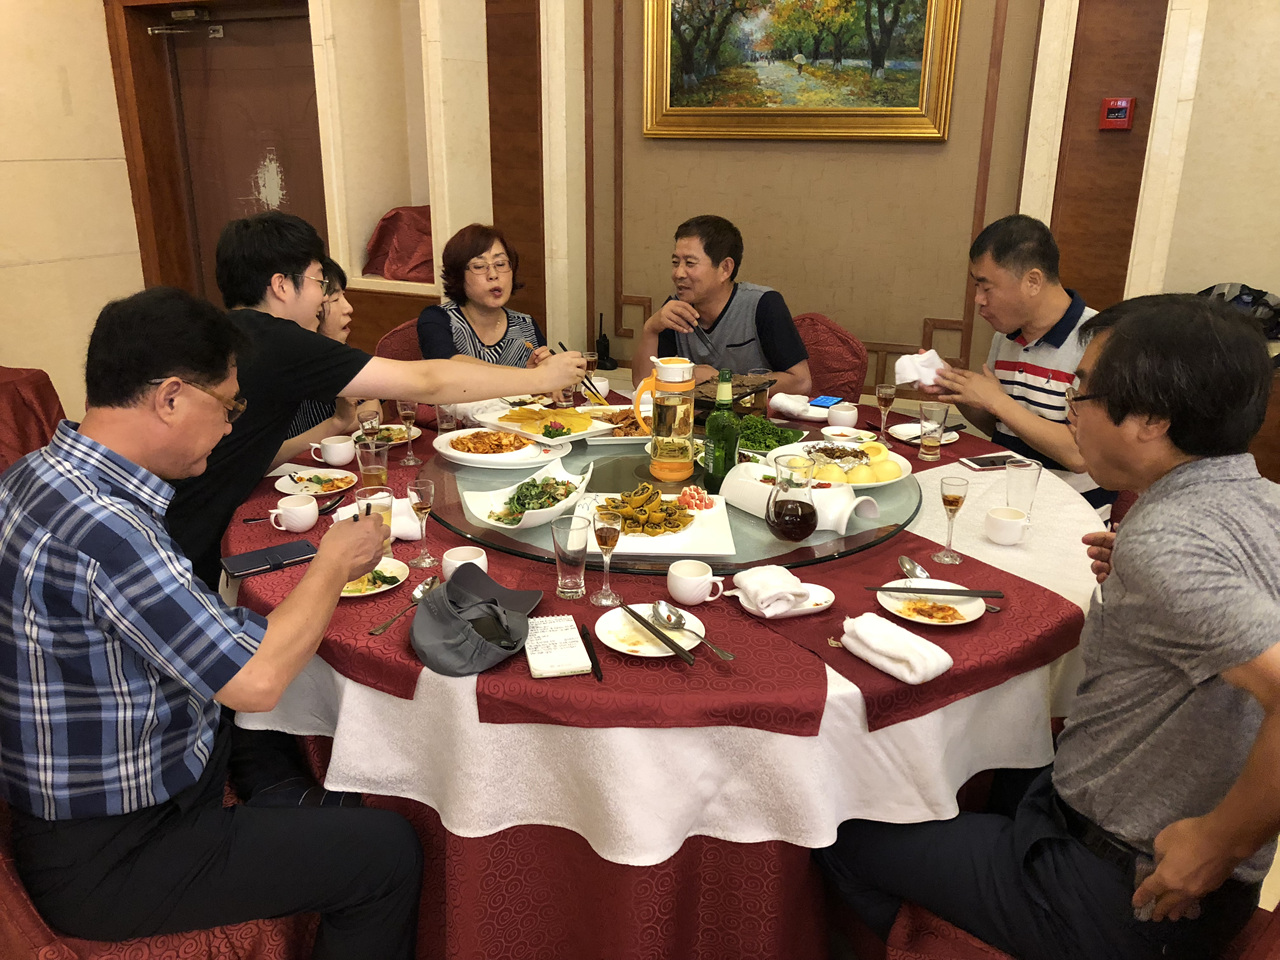 류경식당 단동에 있는 북한식당인 류경식당에서 저녁식사를 하고 있다.